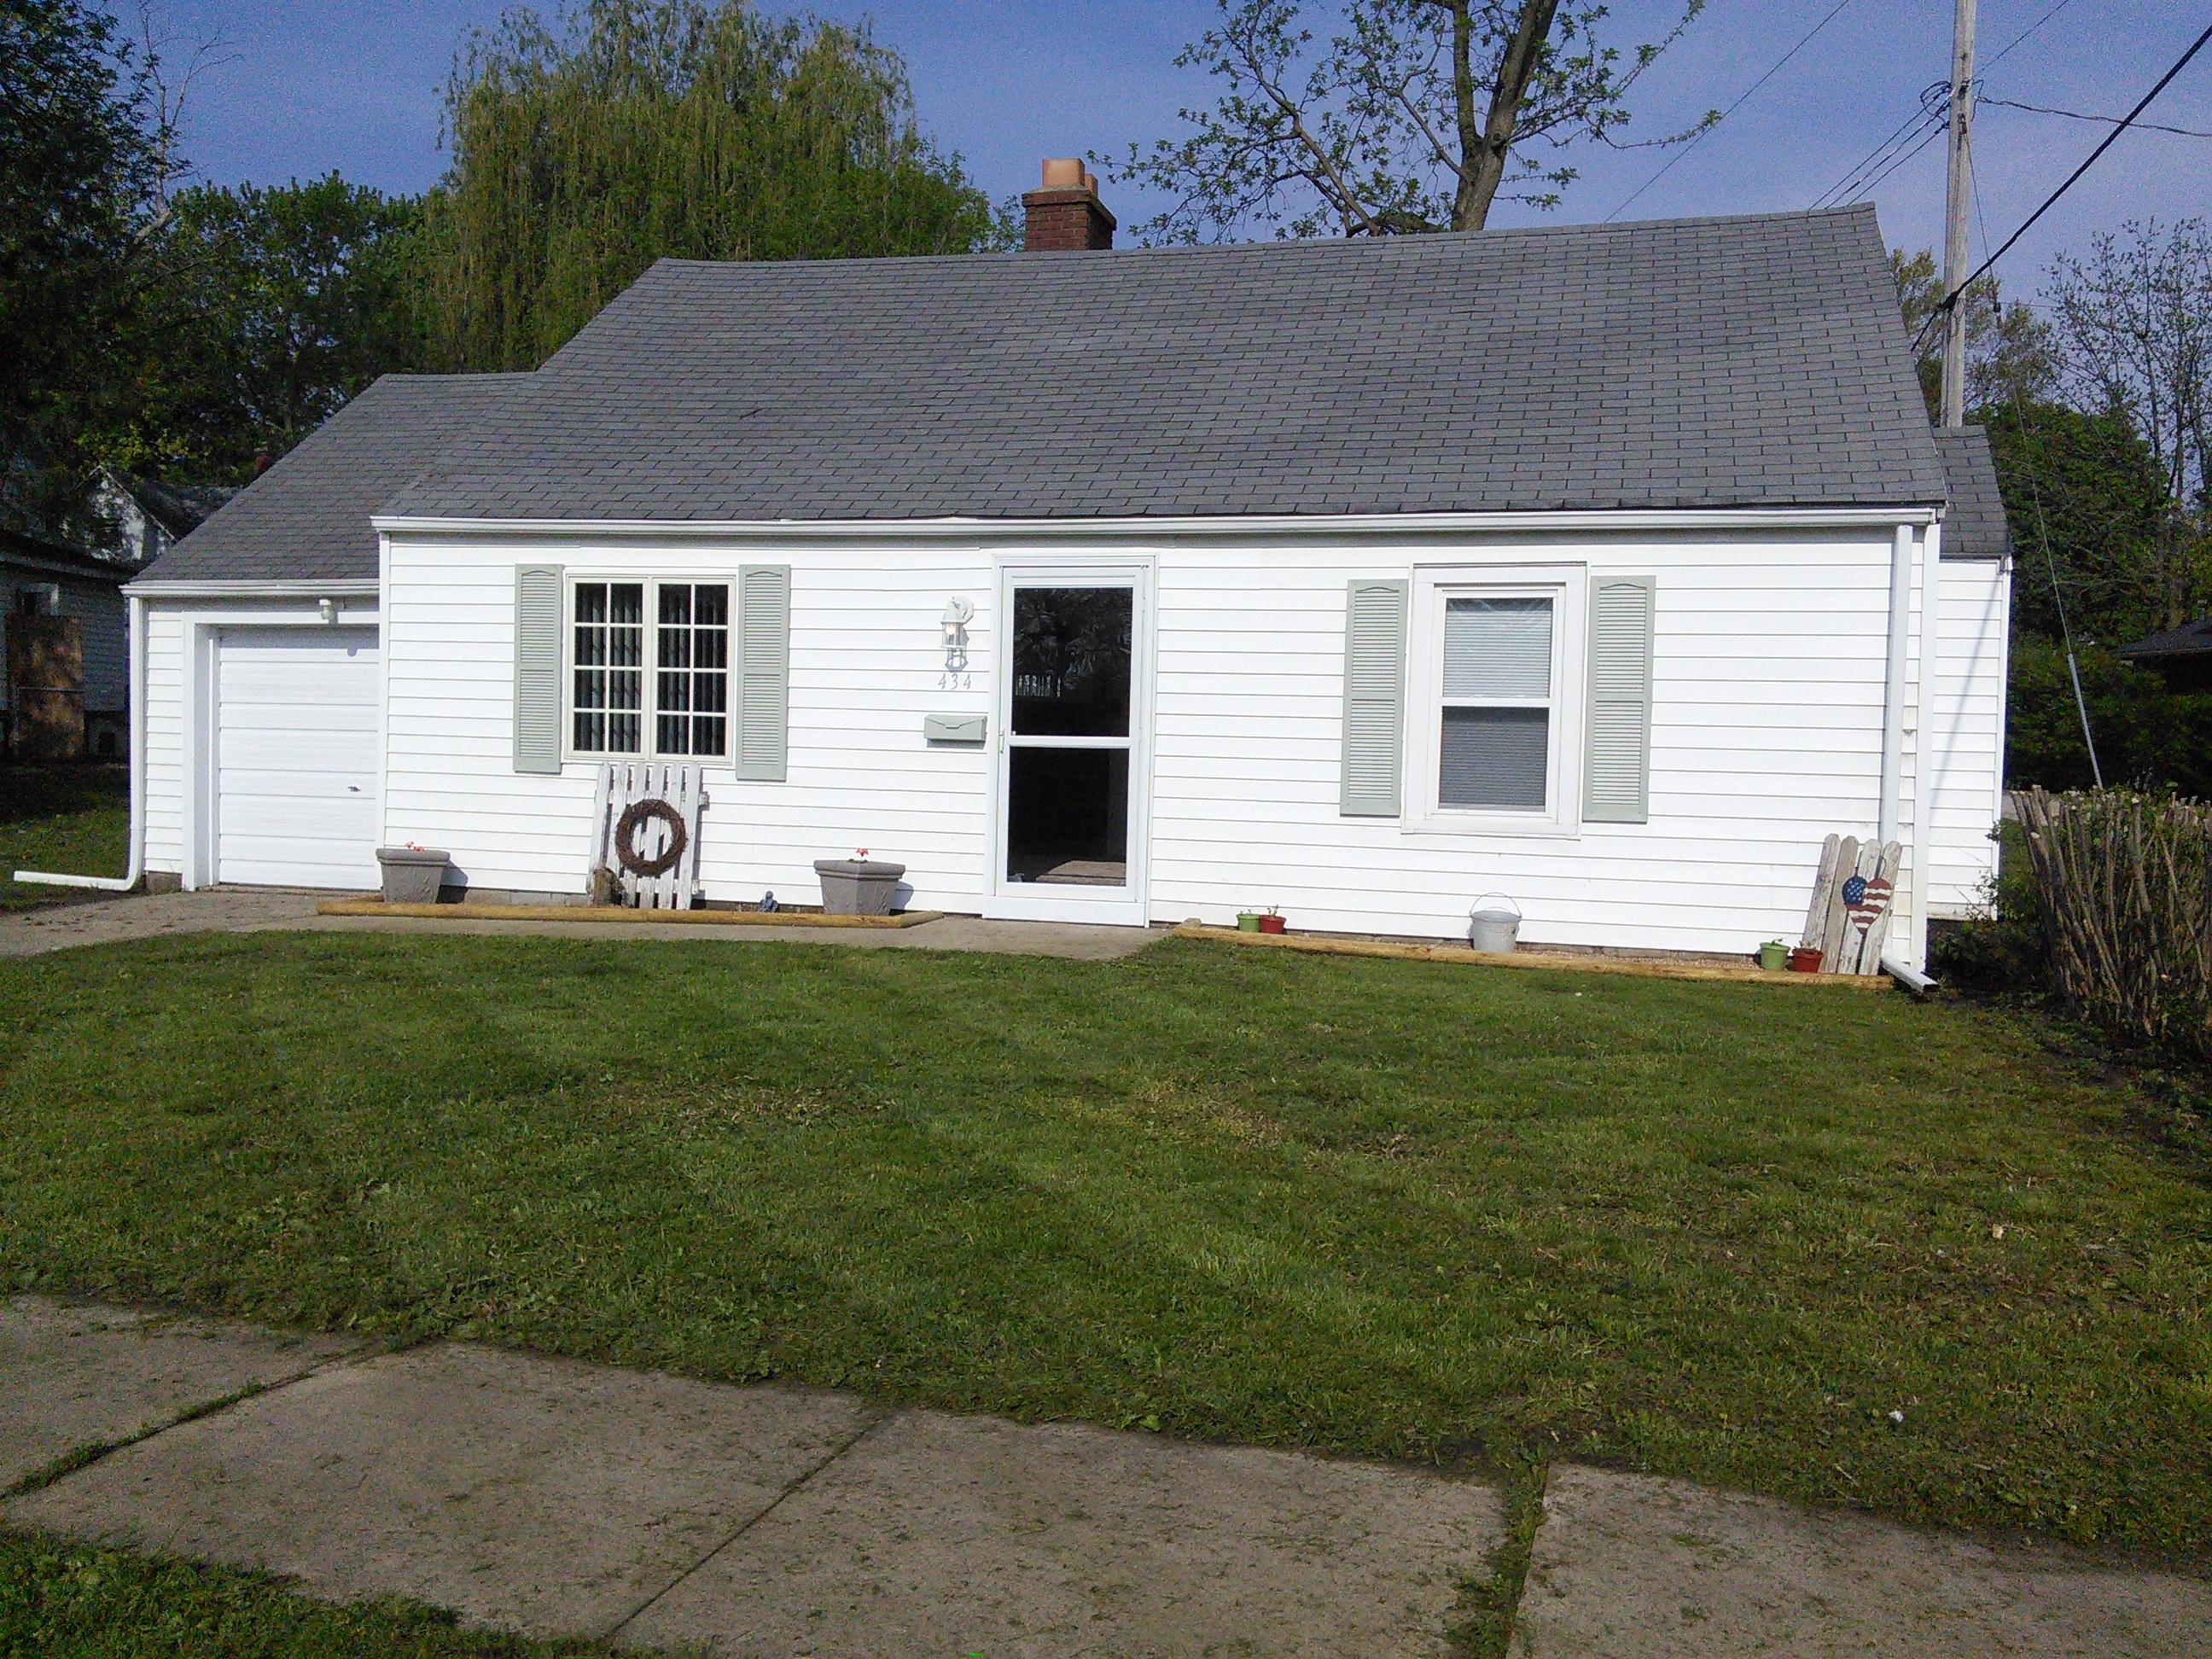 434 S American, Paxton, Illinois 60957